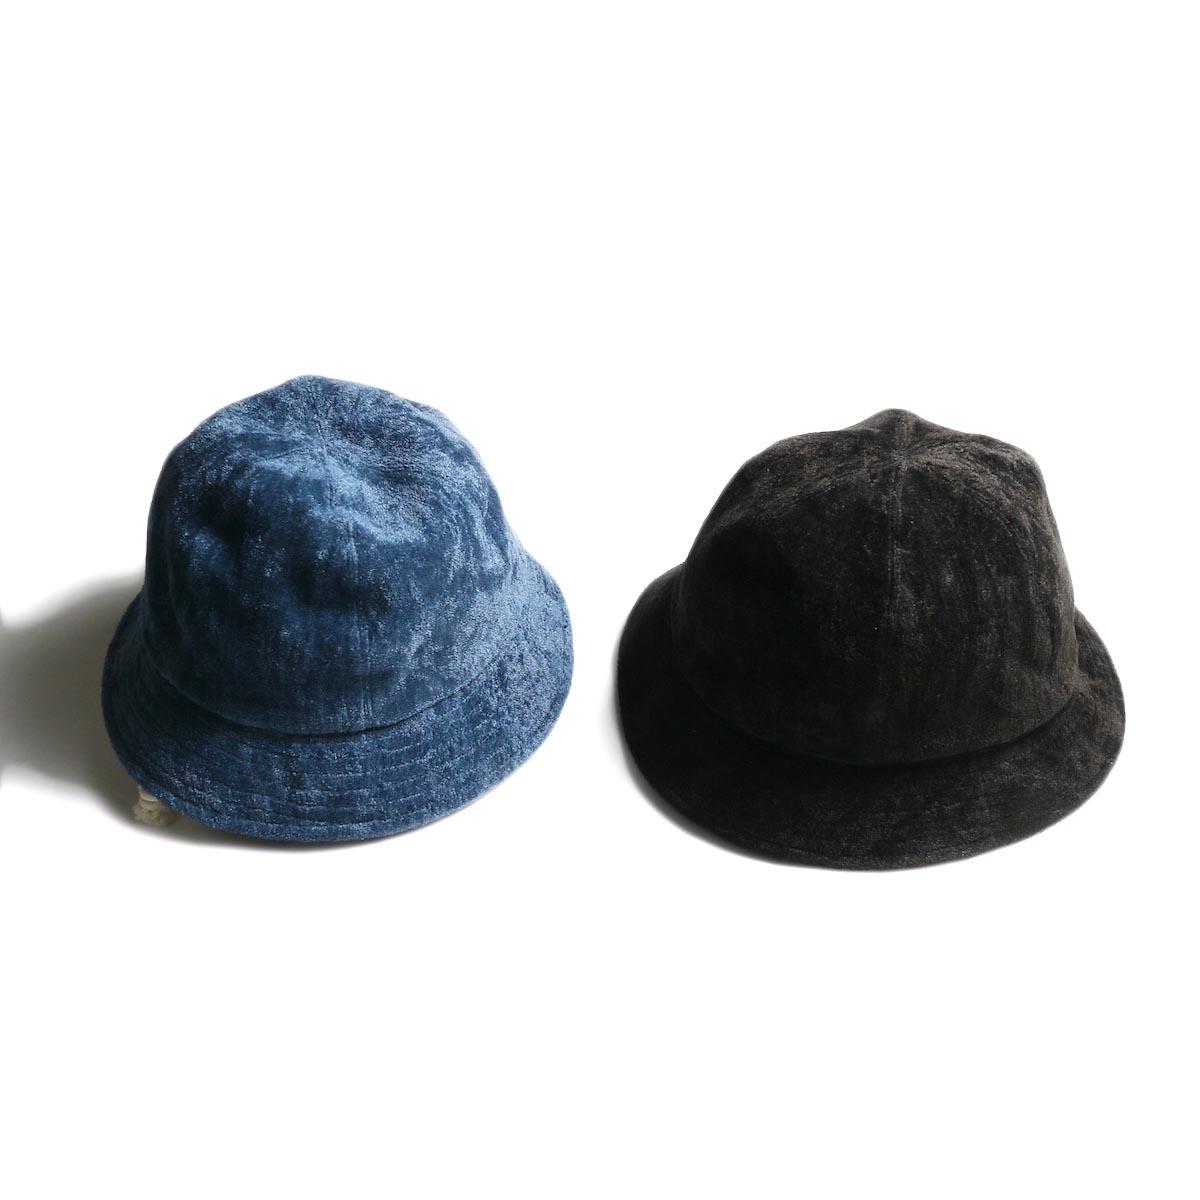 KIJIMA TAKAYUKI / Linen Pile Hat (No.201215)